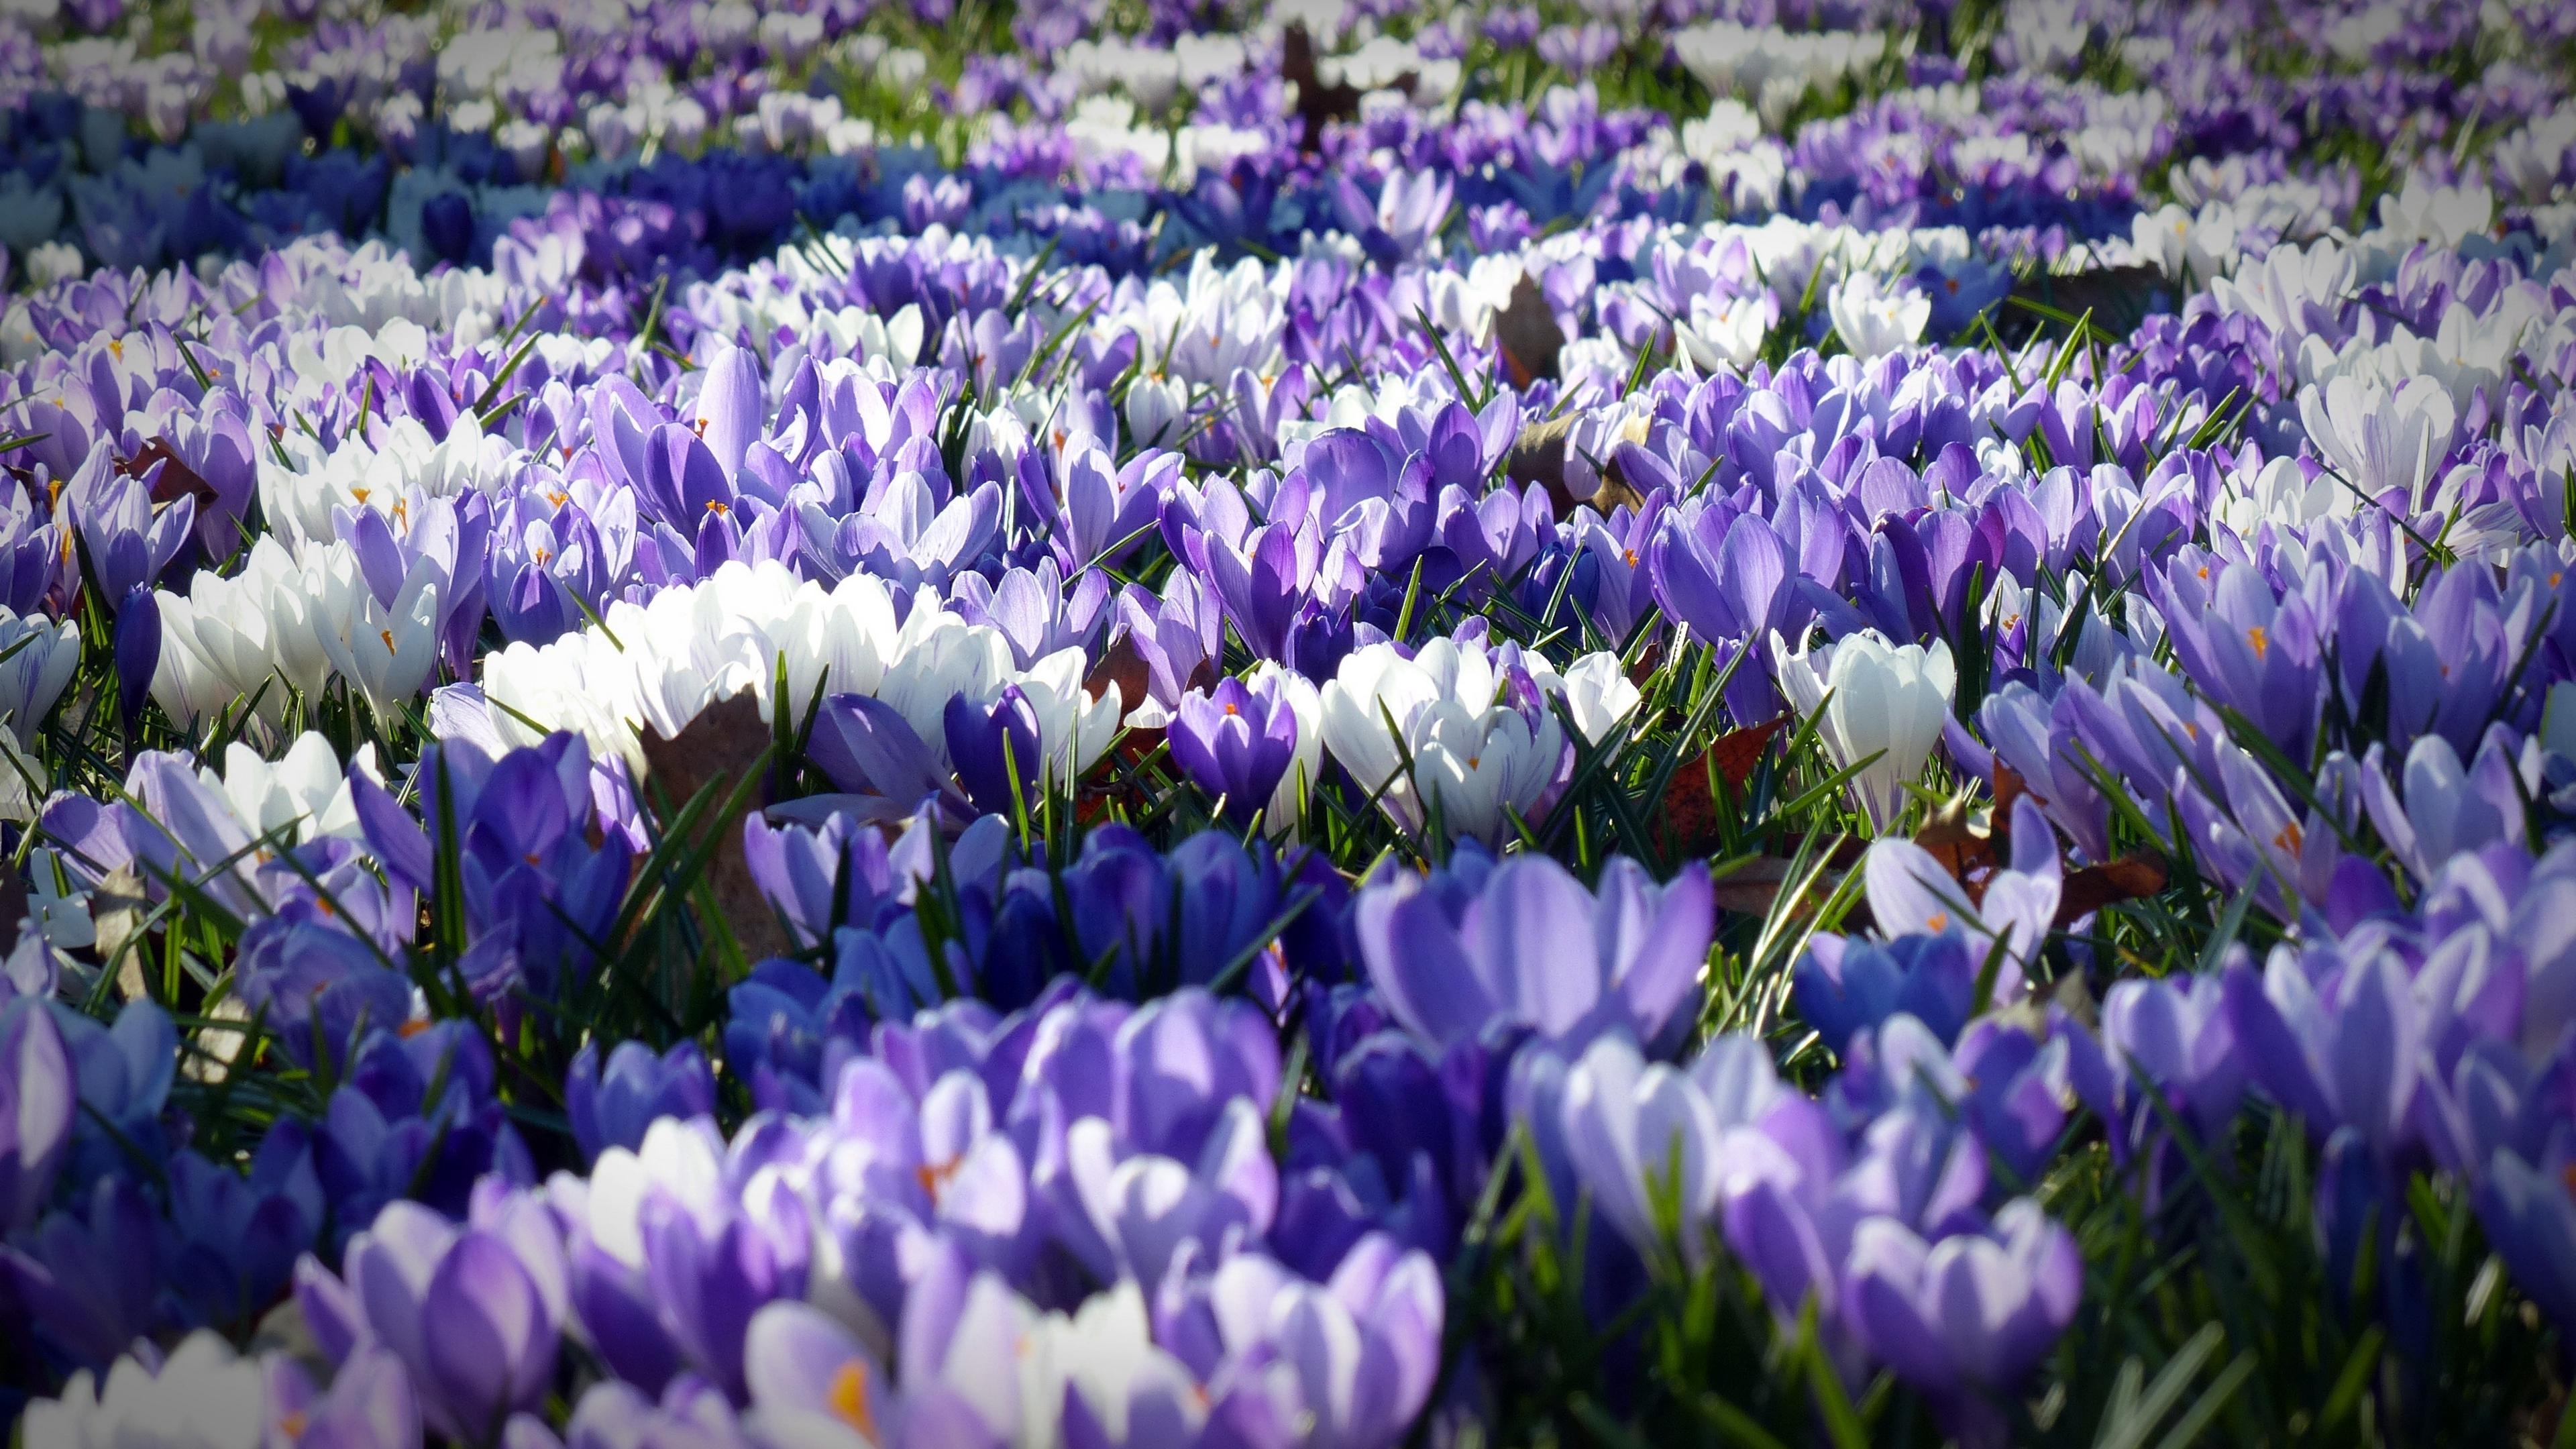 crocus garden flowers field 4k 1540064961 - crocus, garden, flowers, field 4k - Garden, Flowers, Crocus